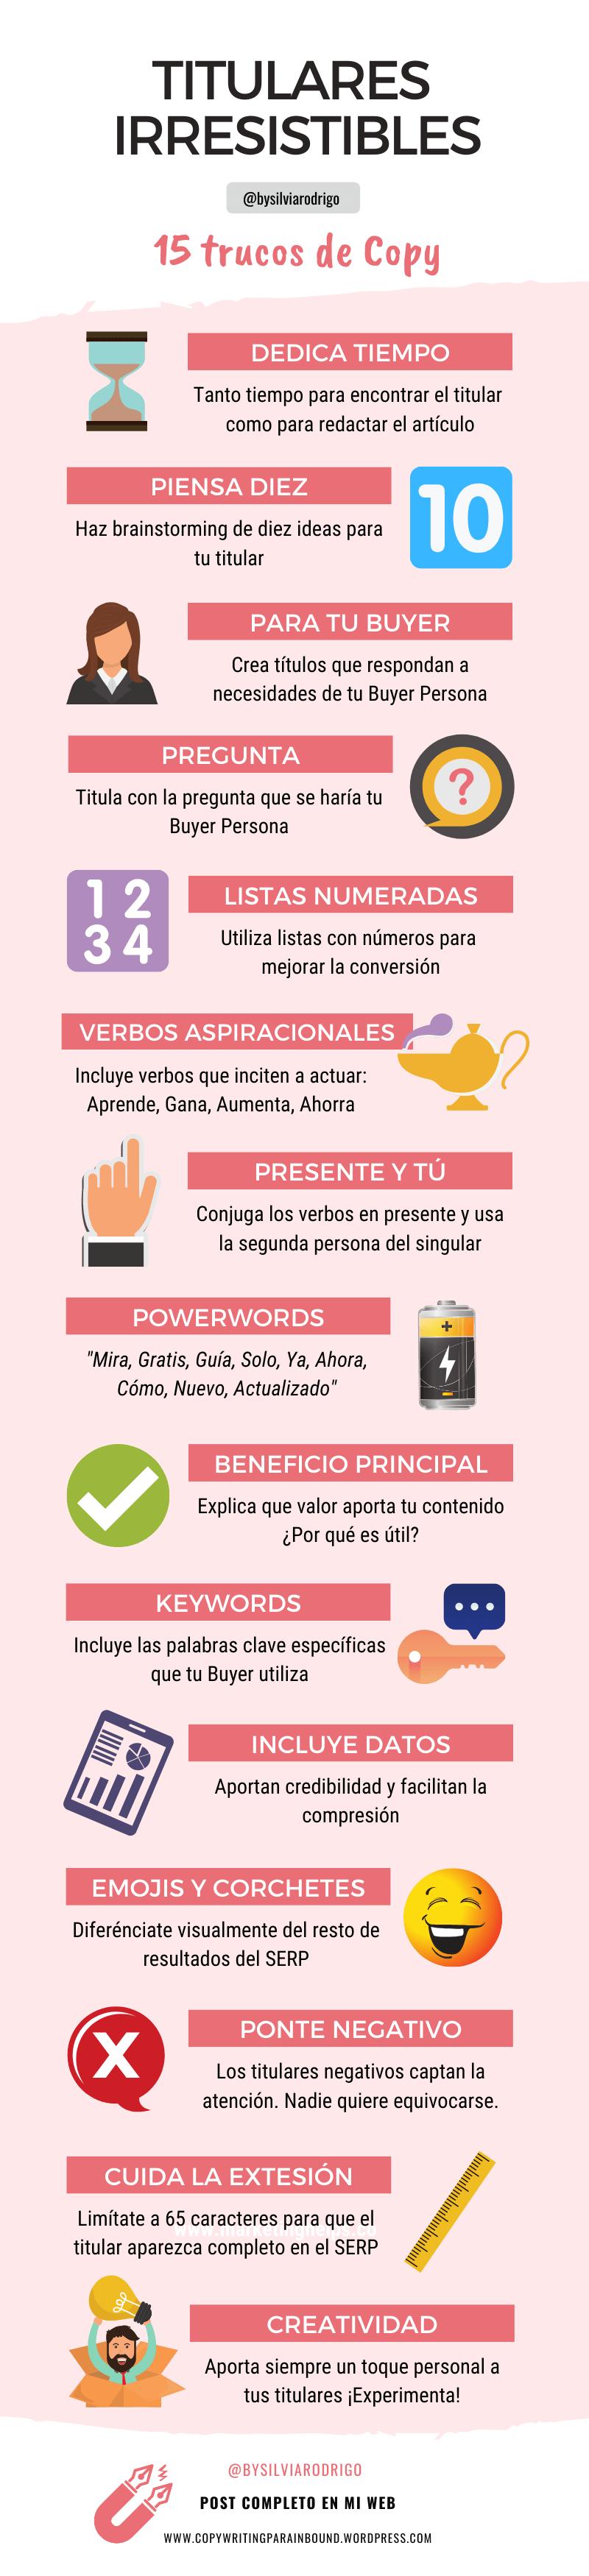 Infografia Escribir Titulares